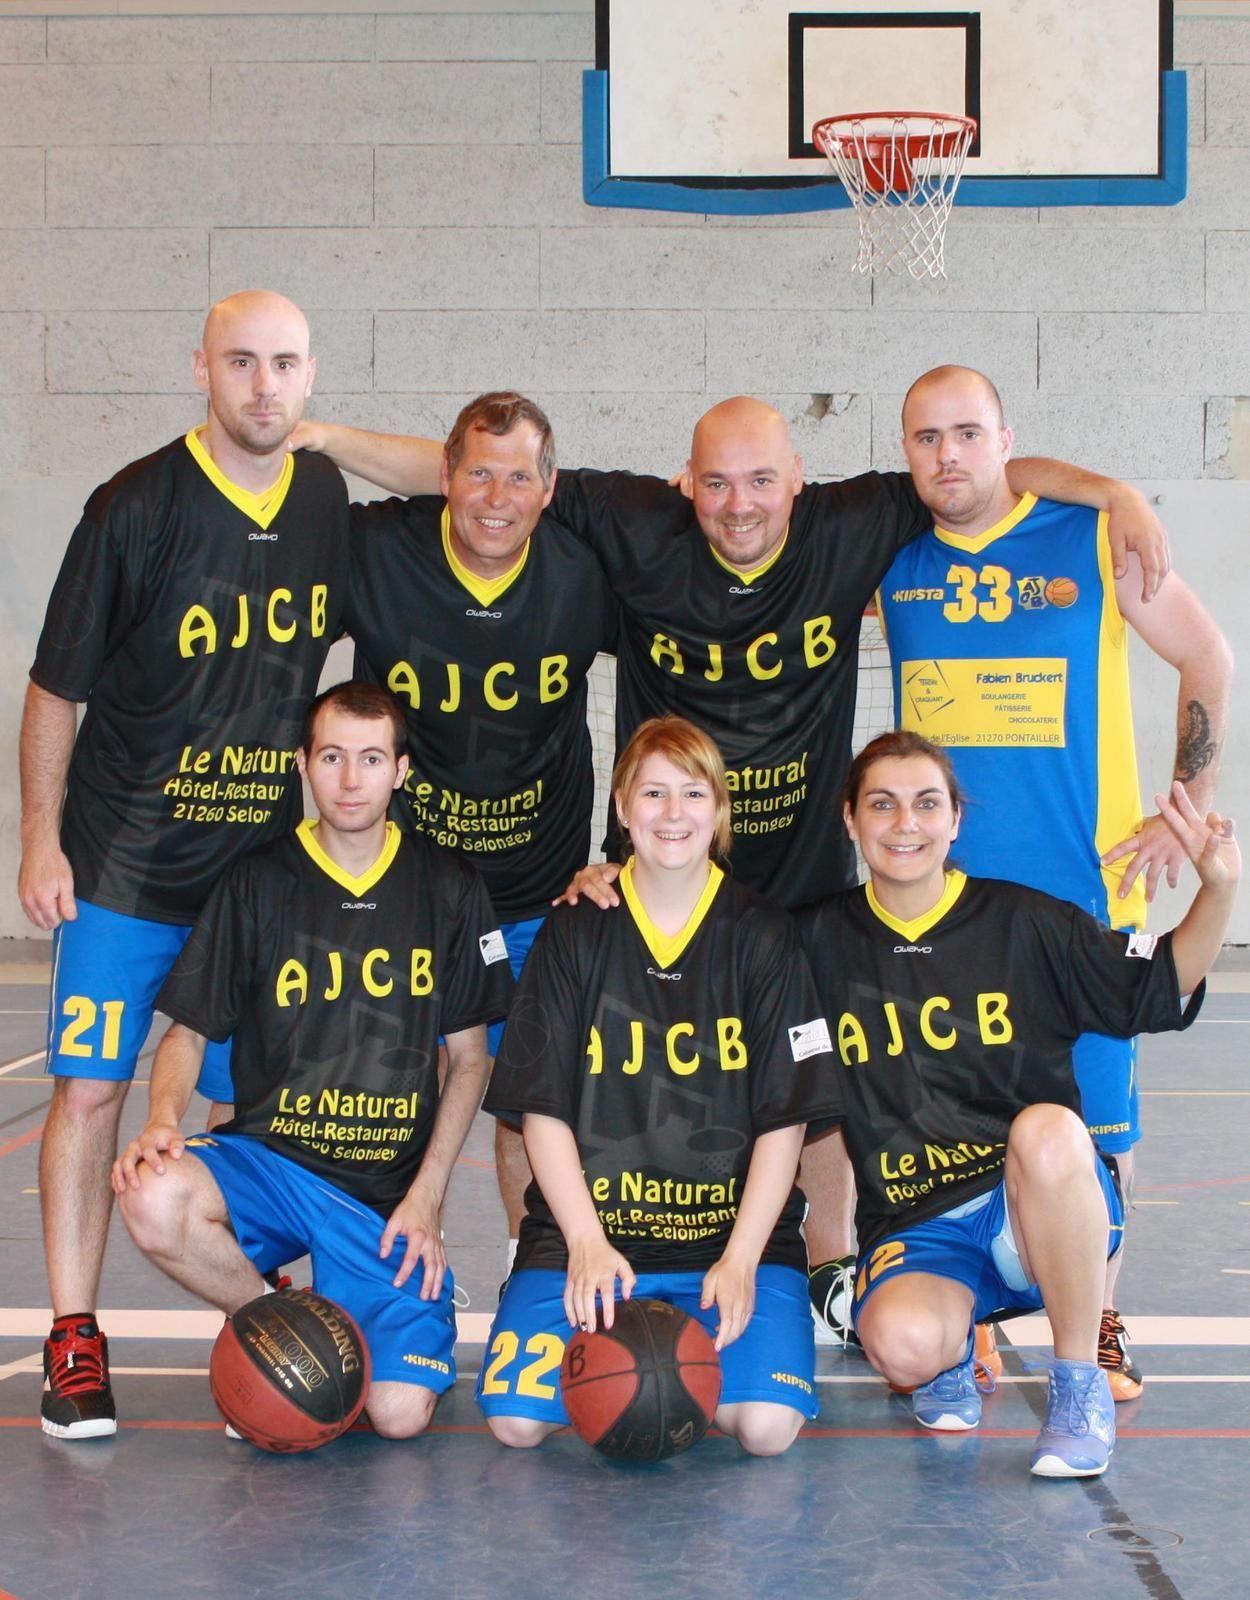 Fox, Guiles, Vince, Tifou, La crevette, Nanie et Del